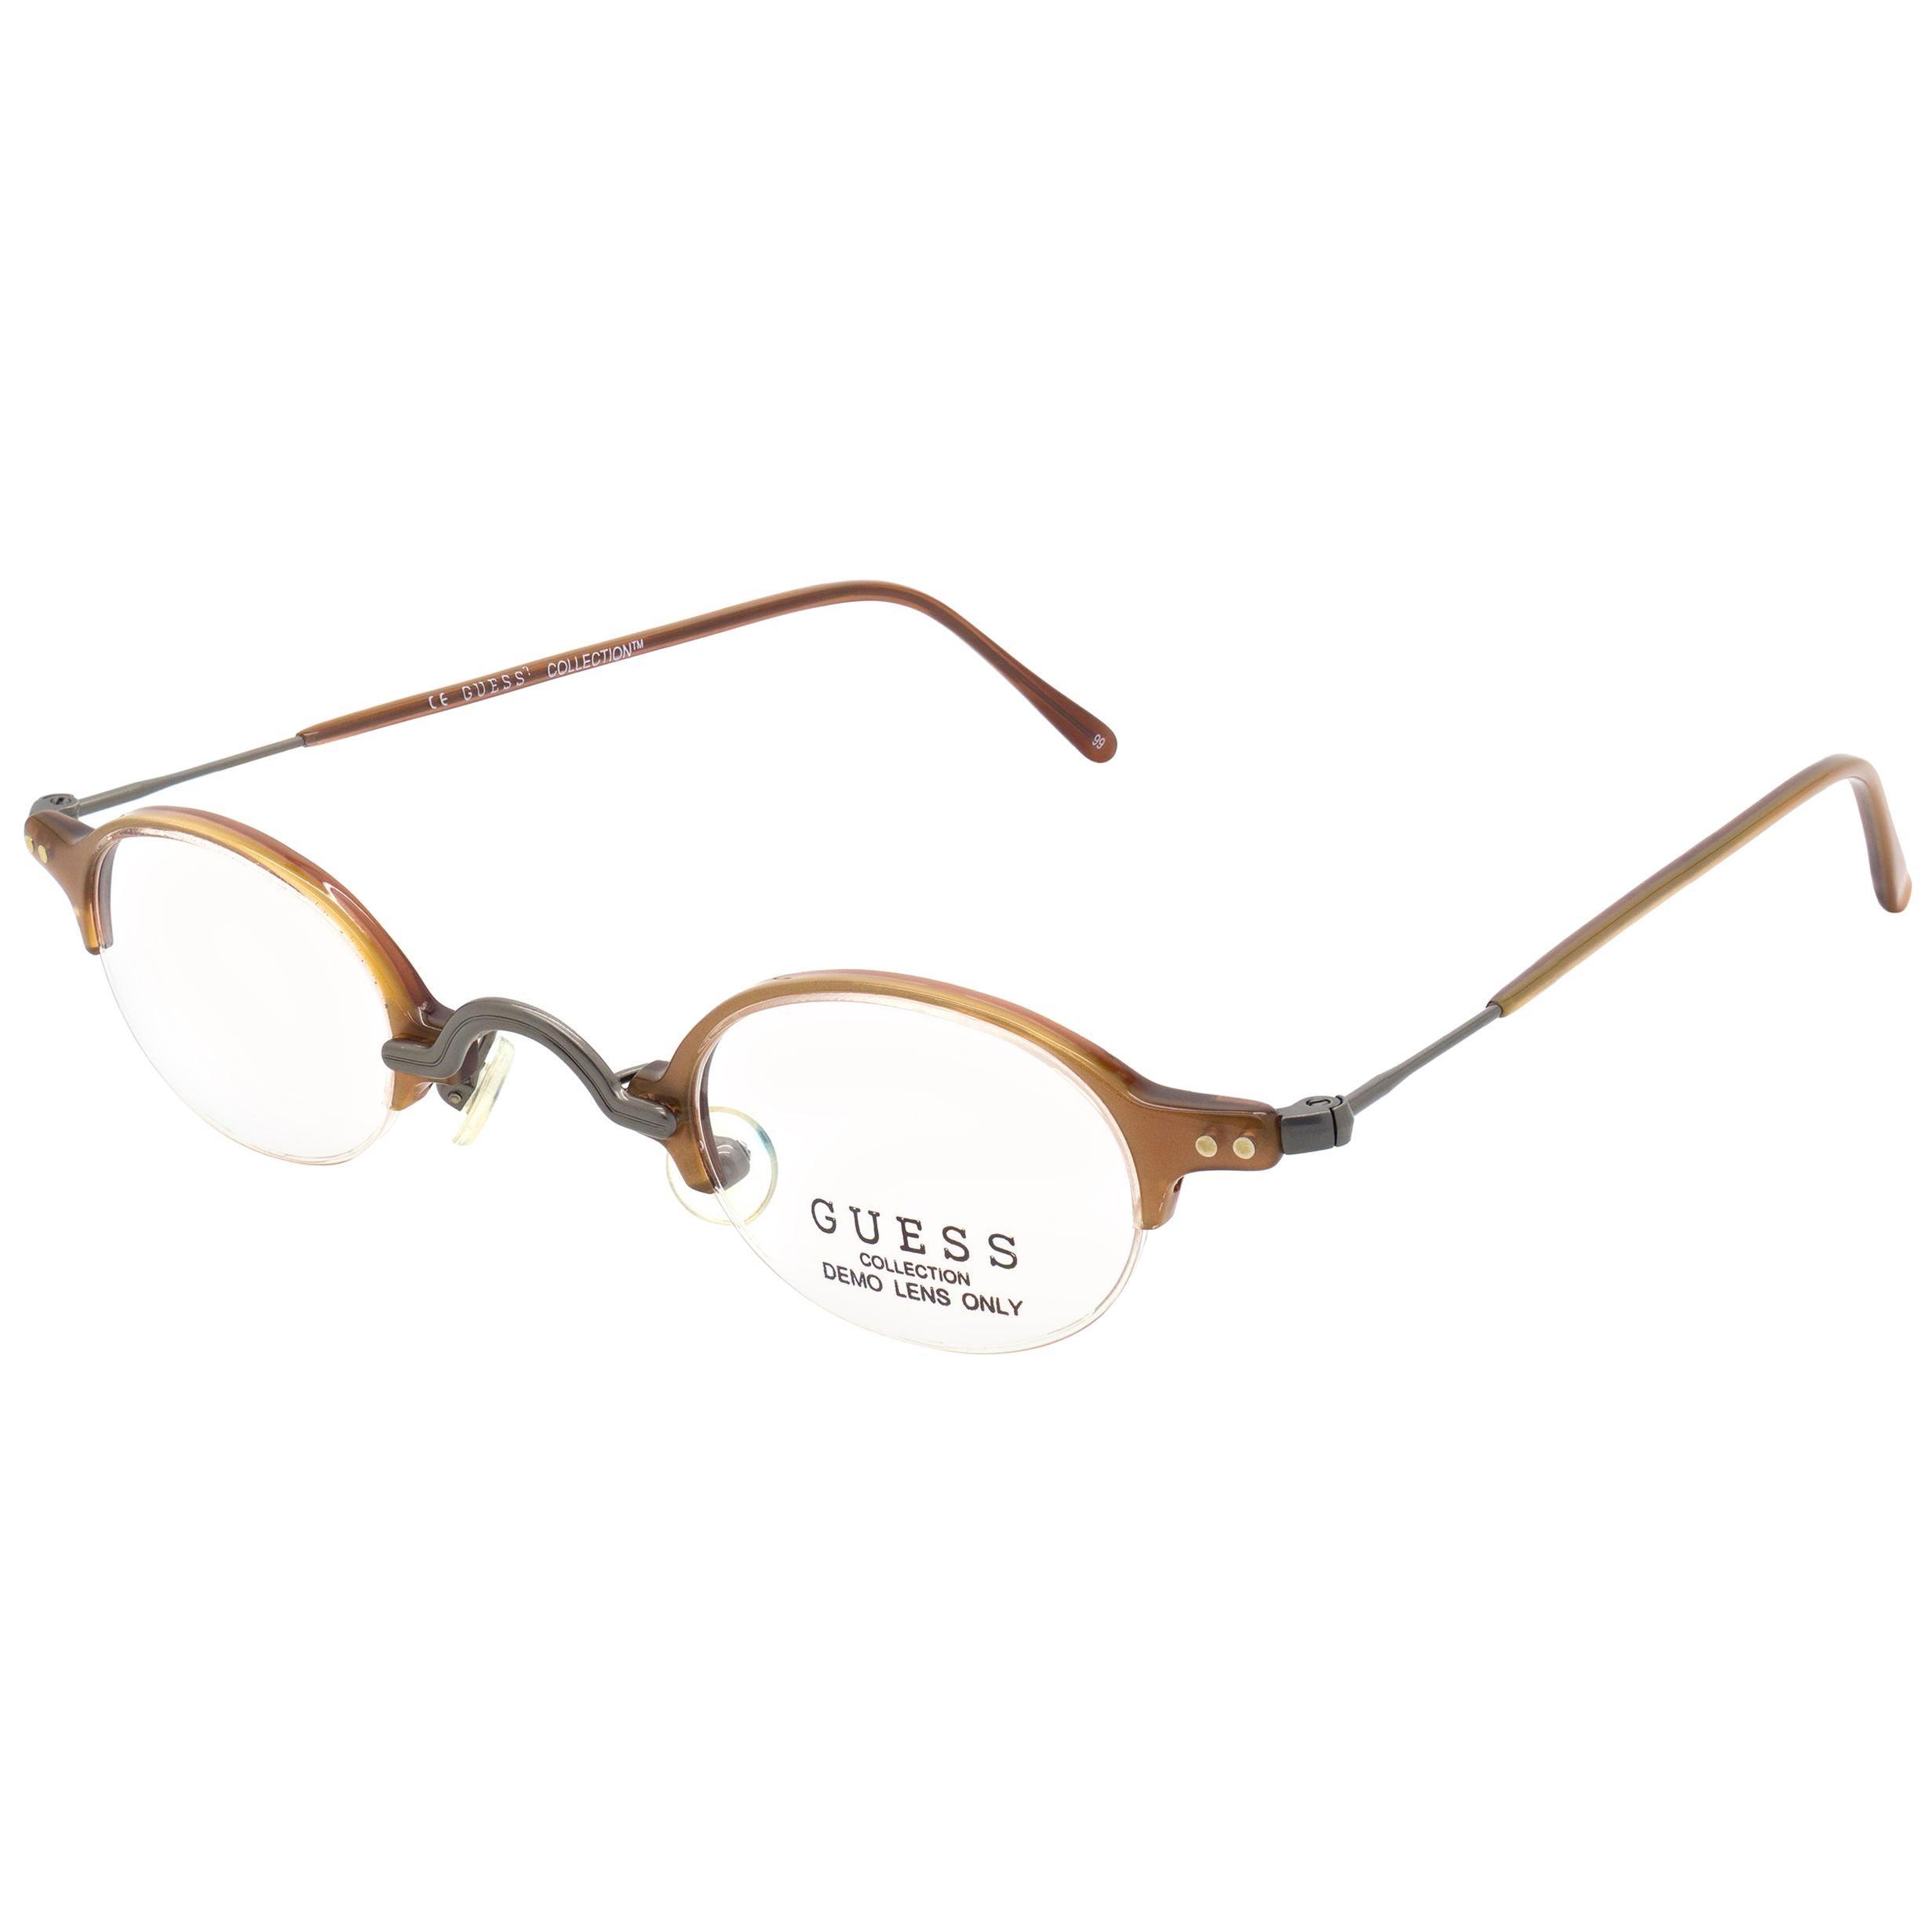 Guess vintage victorian eyeglasses frame